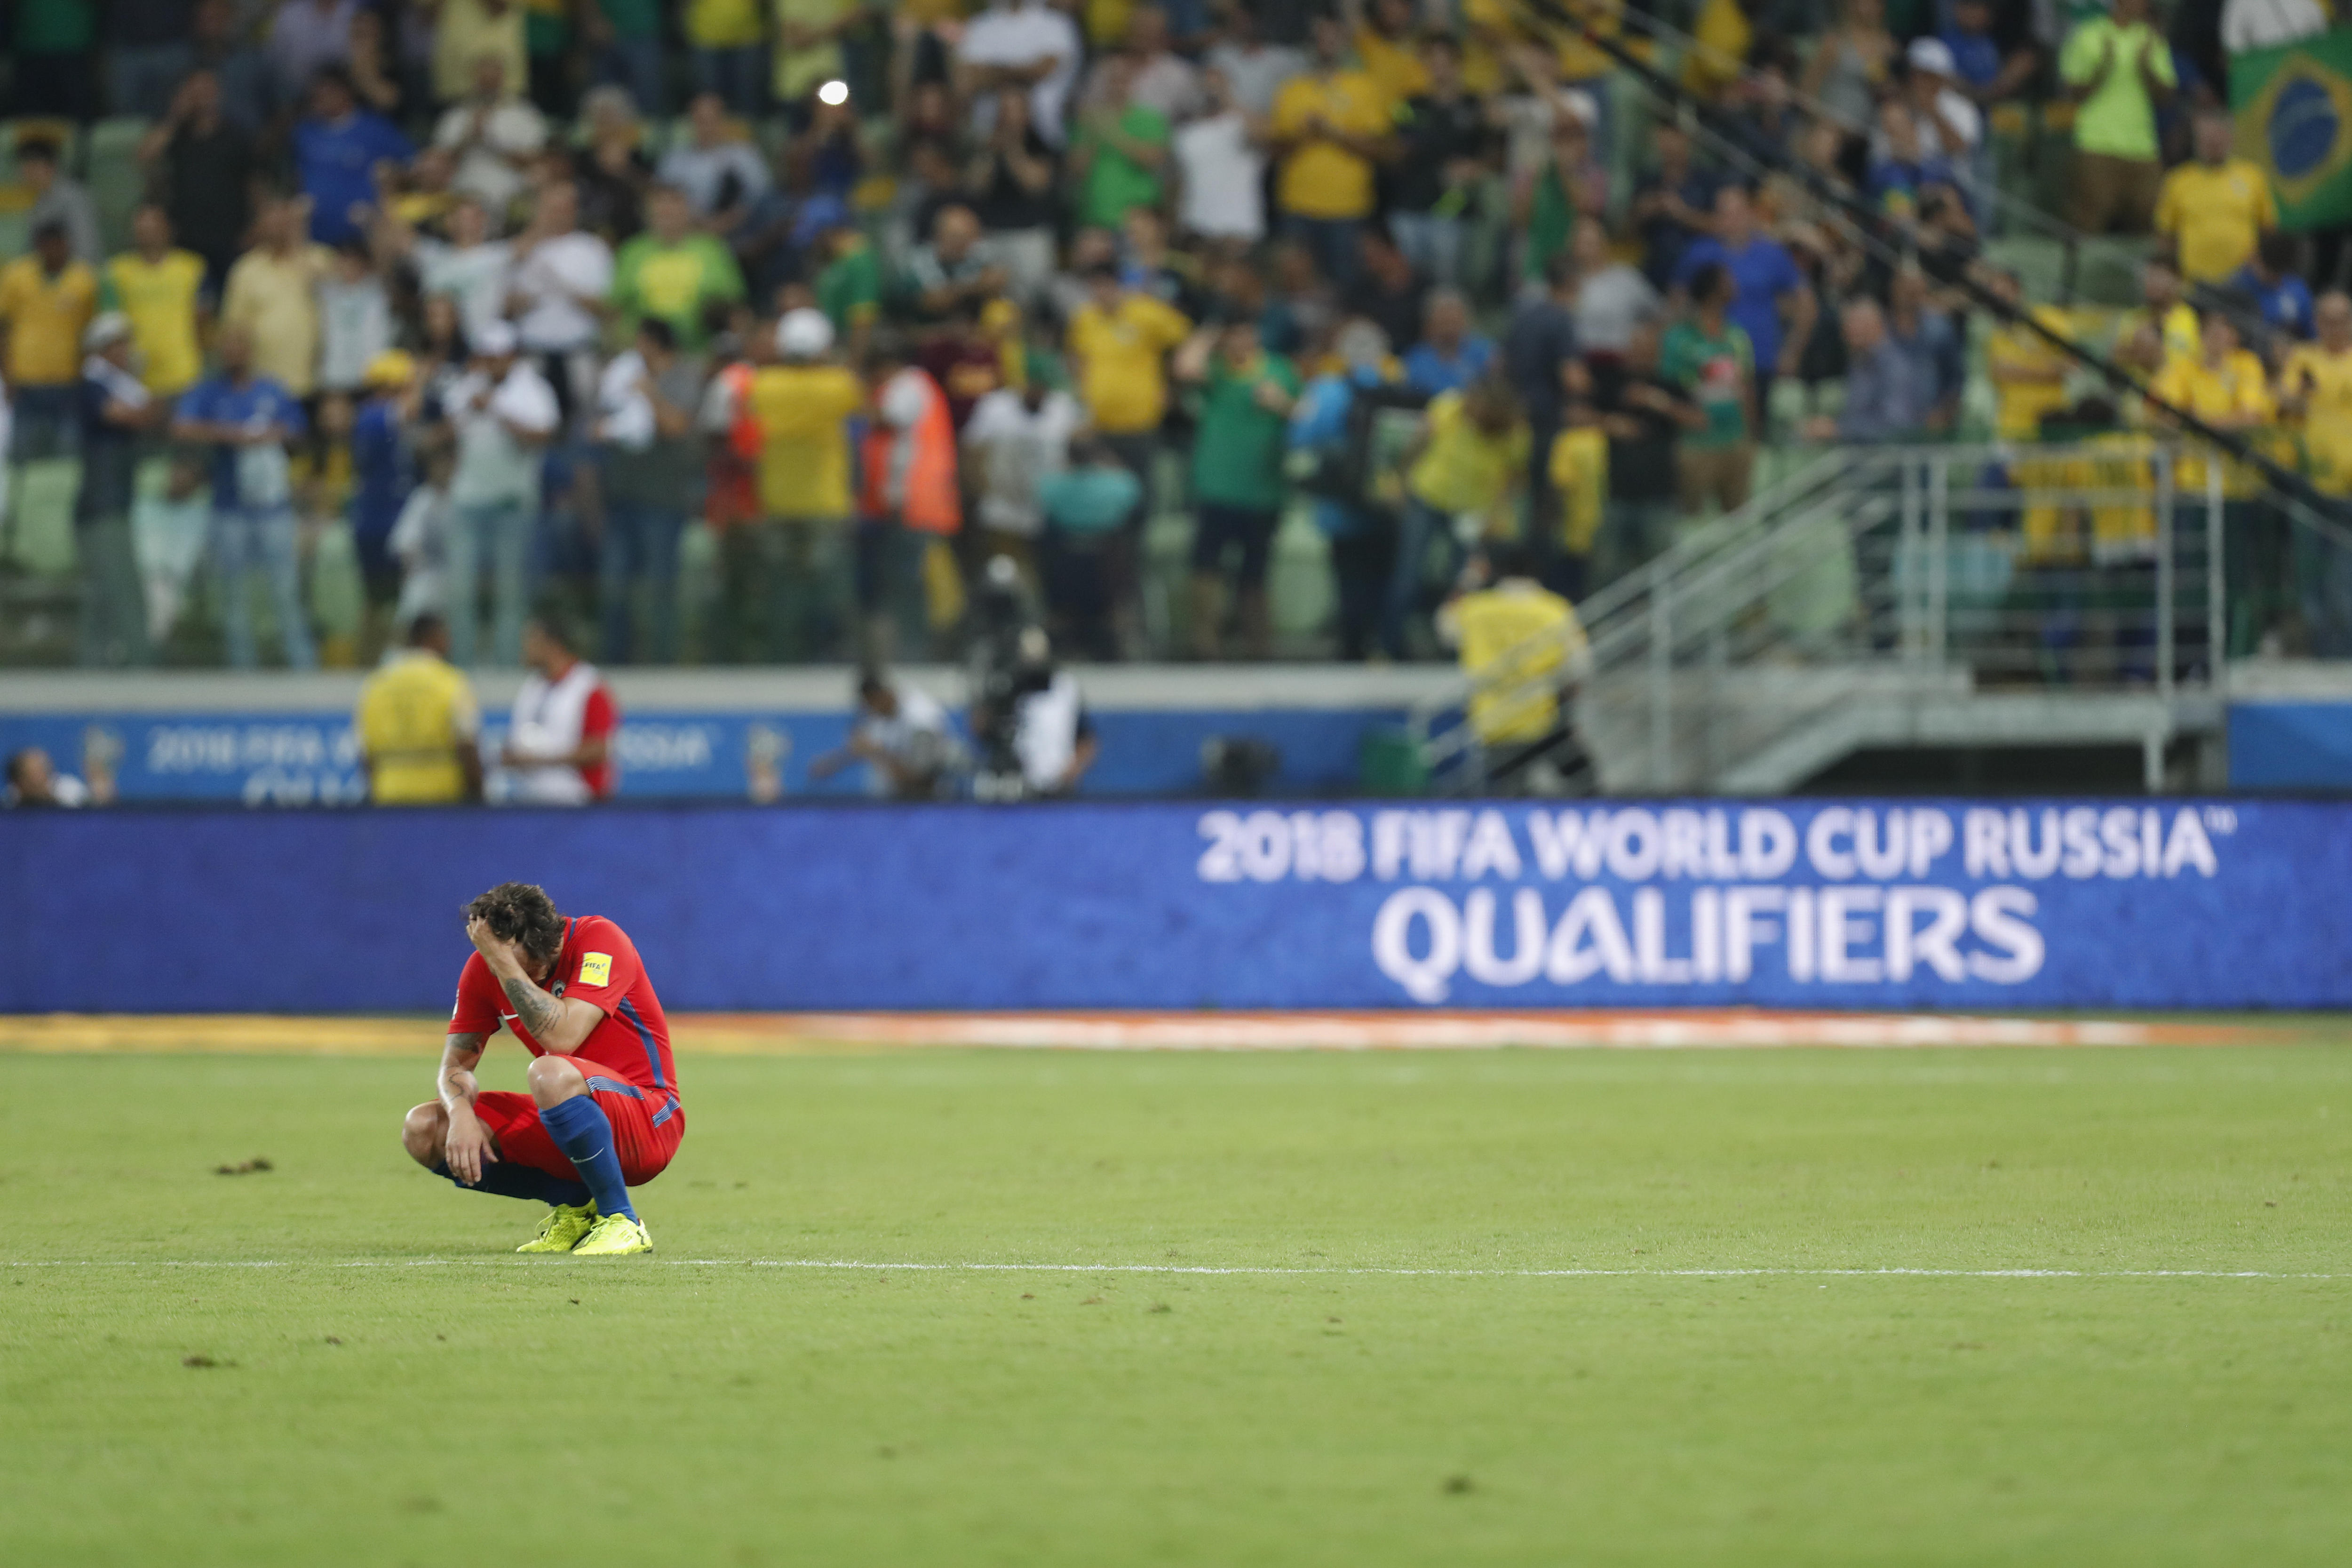 Jorge Valdivia, mijlocașul naționalei din Chile, și-a pus mâinile în cap după ratarea calificării la CUpa Mondială 2018. (FOTO: EPA)